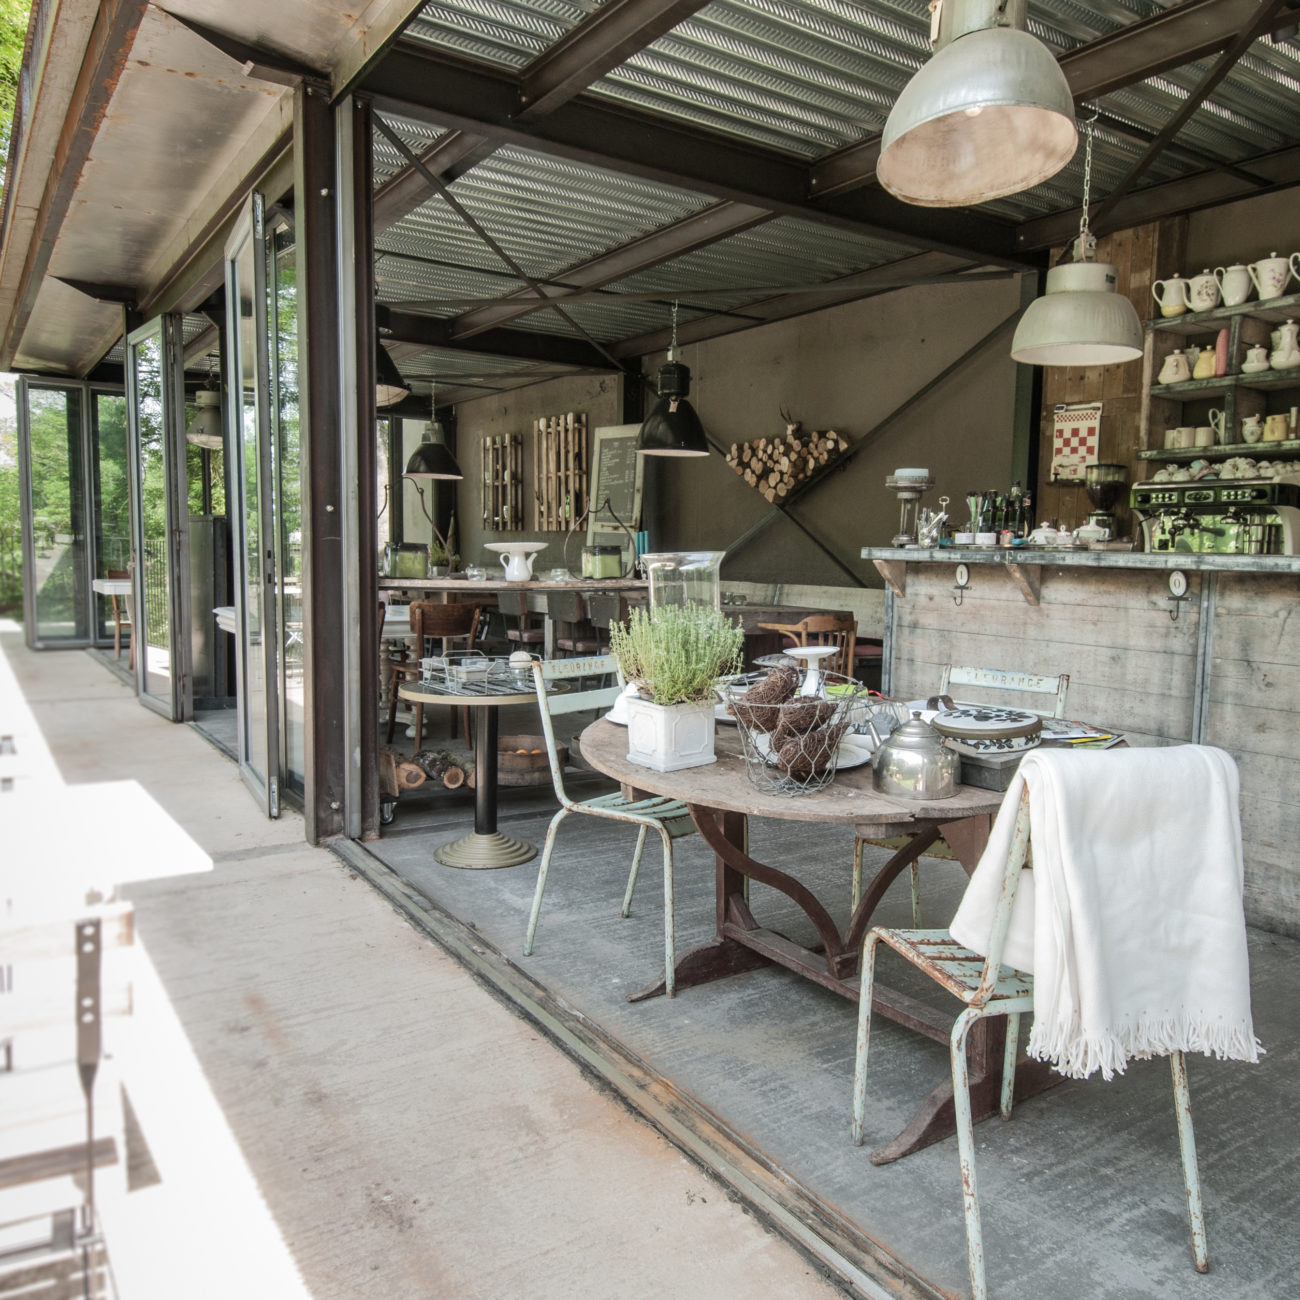 Een tafel met stoelen in brocante stijl met open gevel